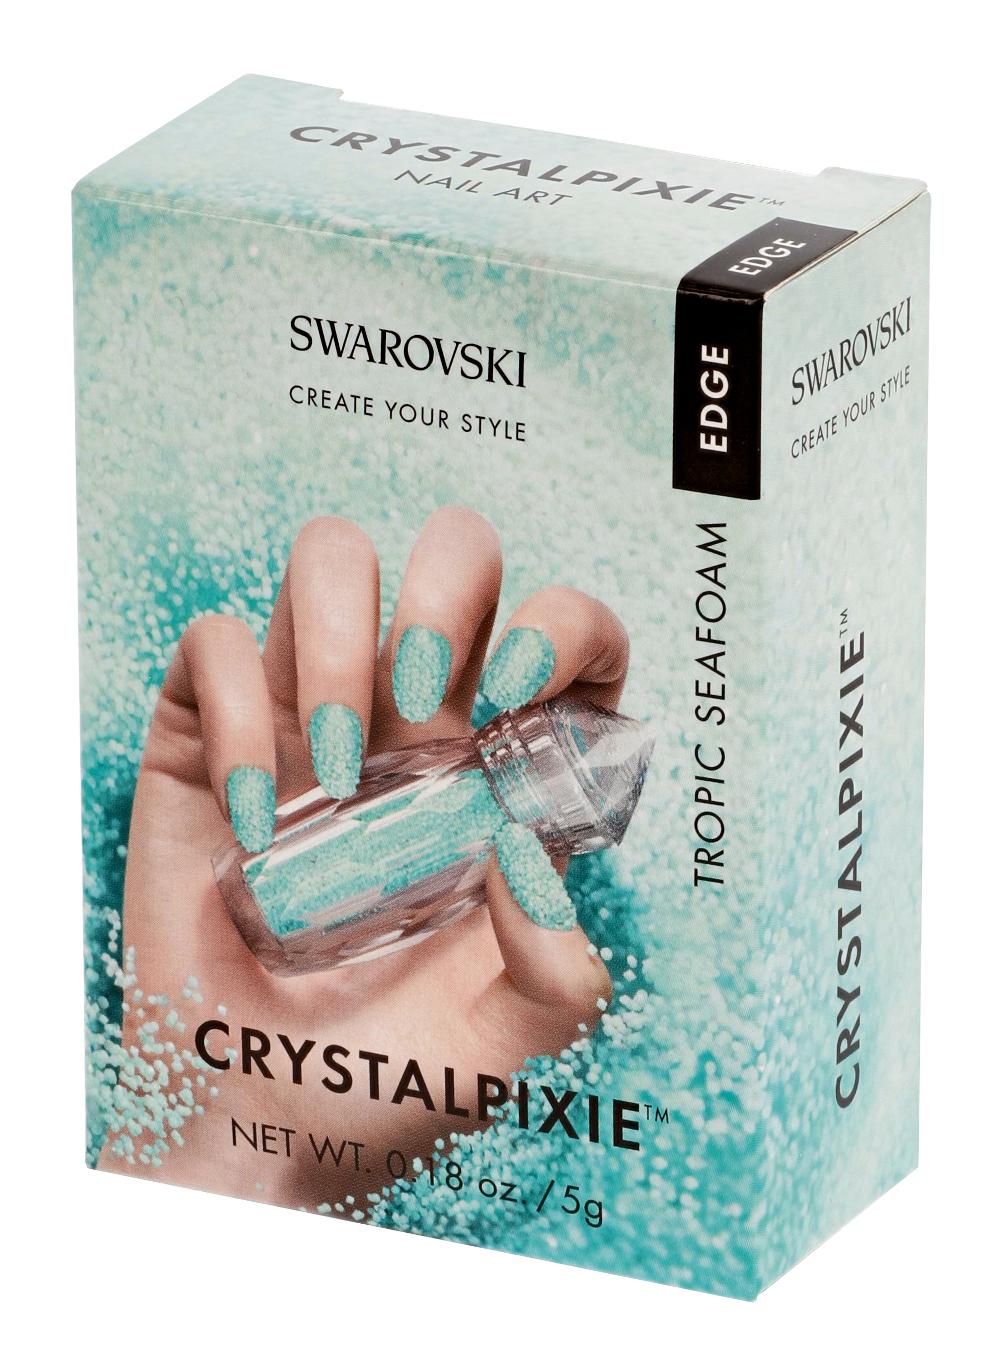 crystal-pixie-edge-diy-nageldesign-mit-swarovski-kristallen-nail-box-pixie-tropic-seafoam-1-s